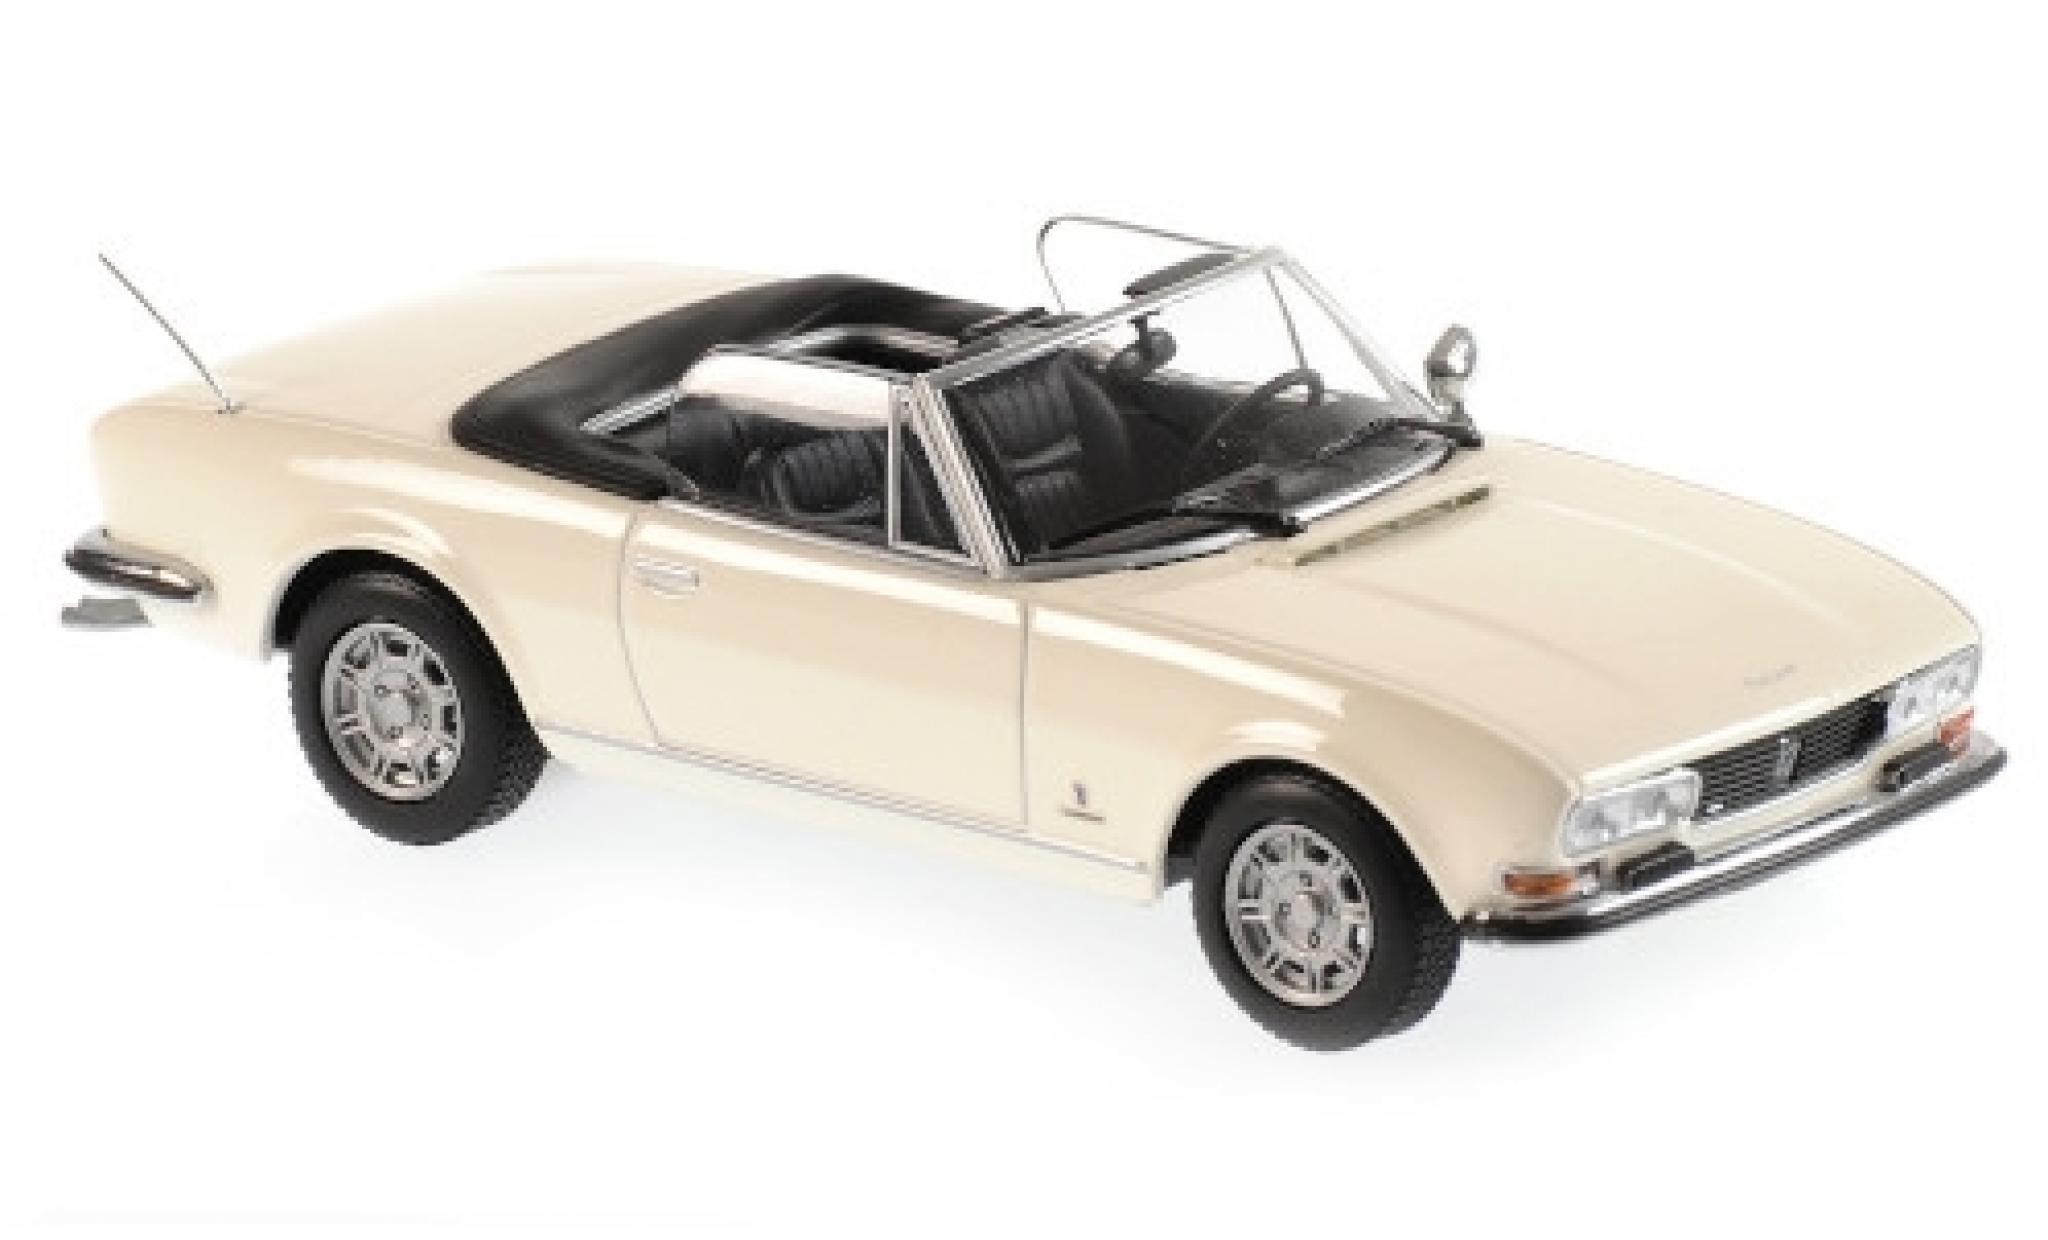 Peugeot 504 1/43 Maxichamps Cabriolet blanche 1977